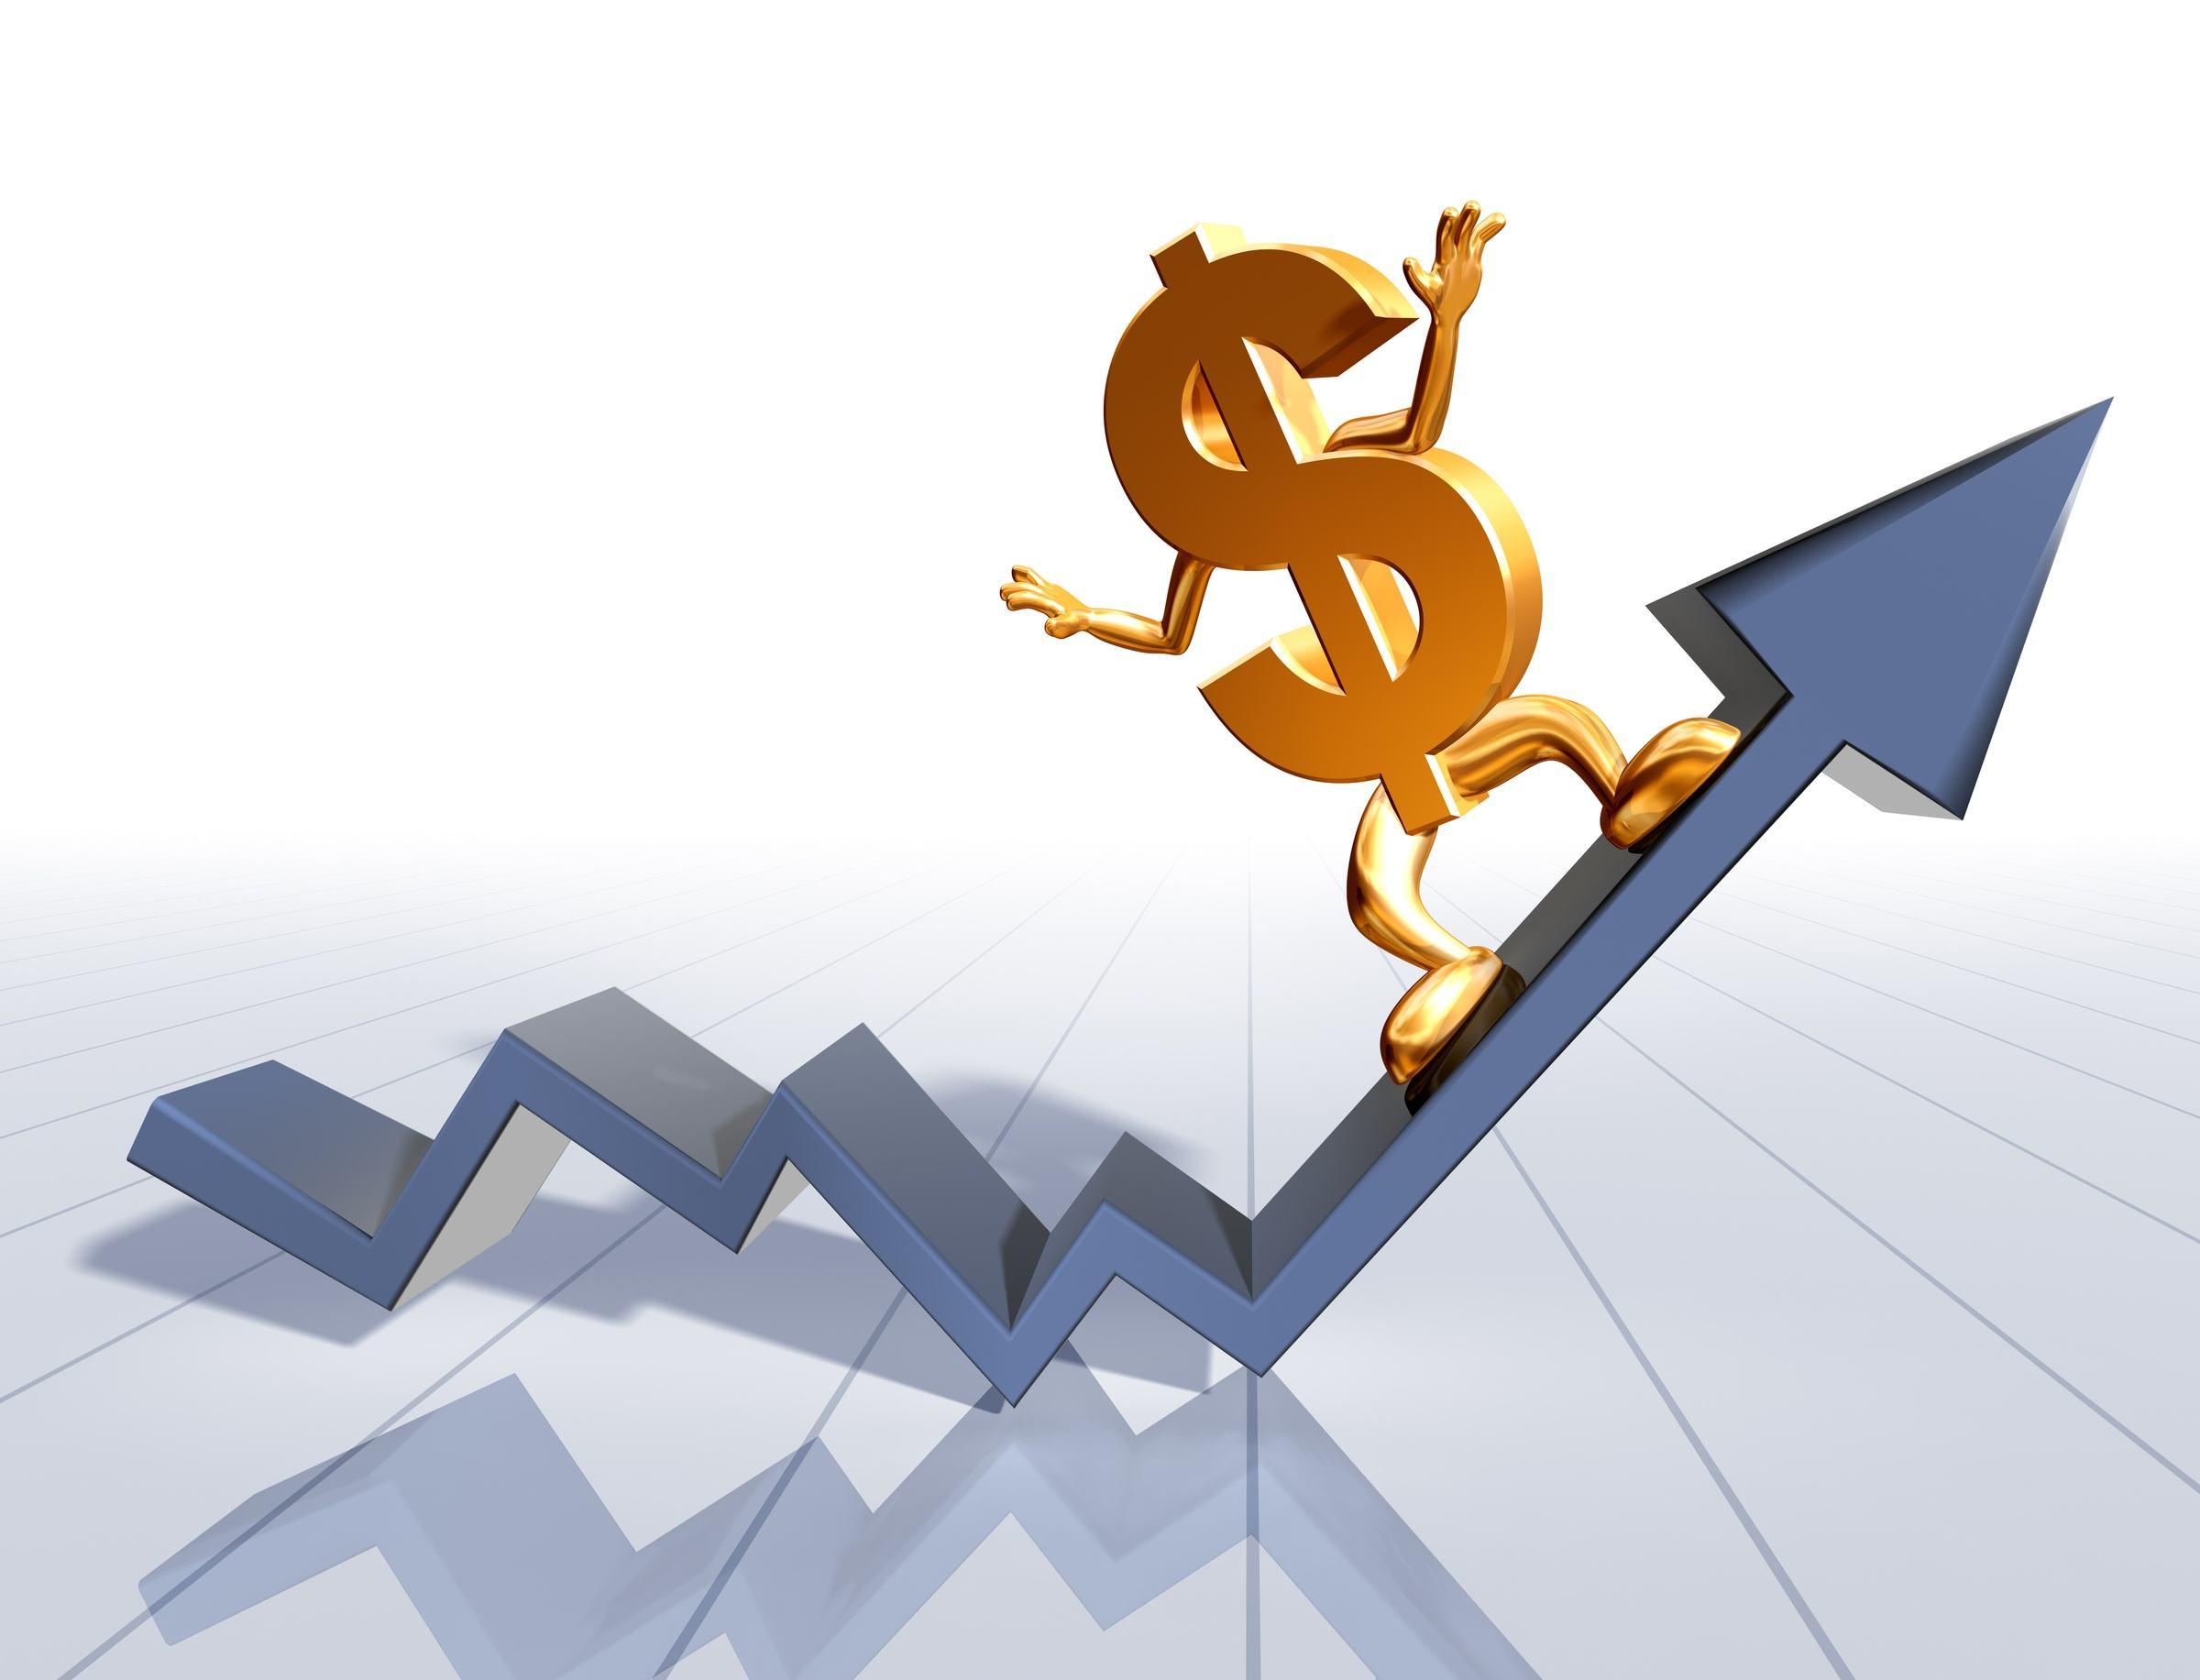 Lãi suất là gì? Phân loại lãi suất | Tài Chính Online